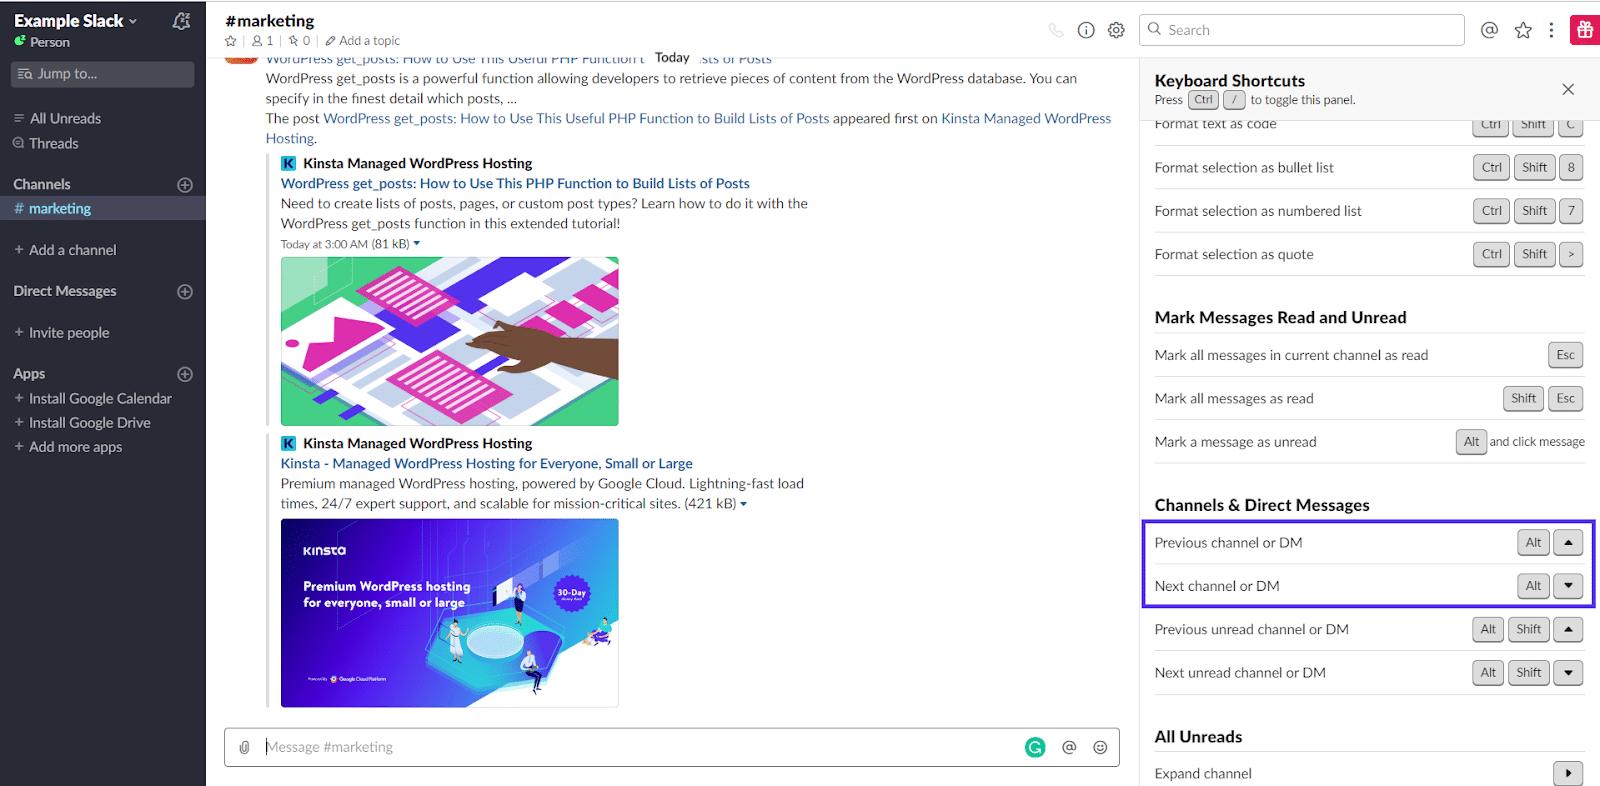 Kanalen en directe berichten scrollen